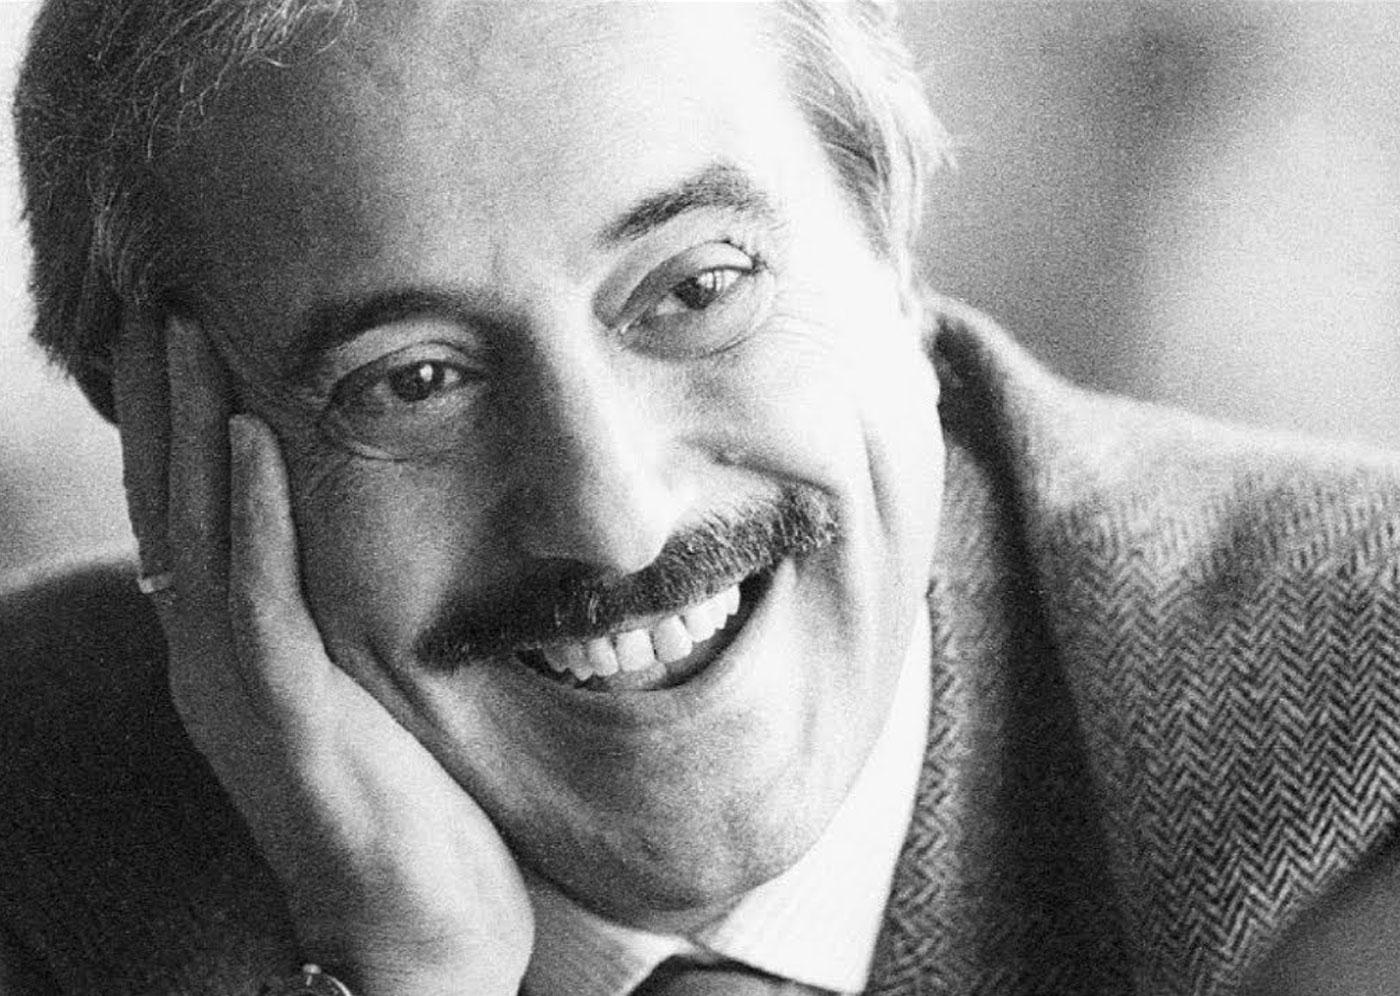 Giovanni Falcone sorridente